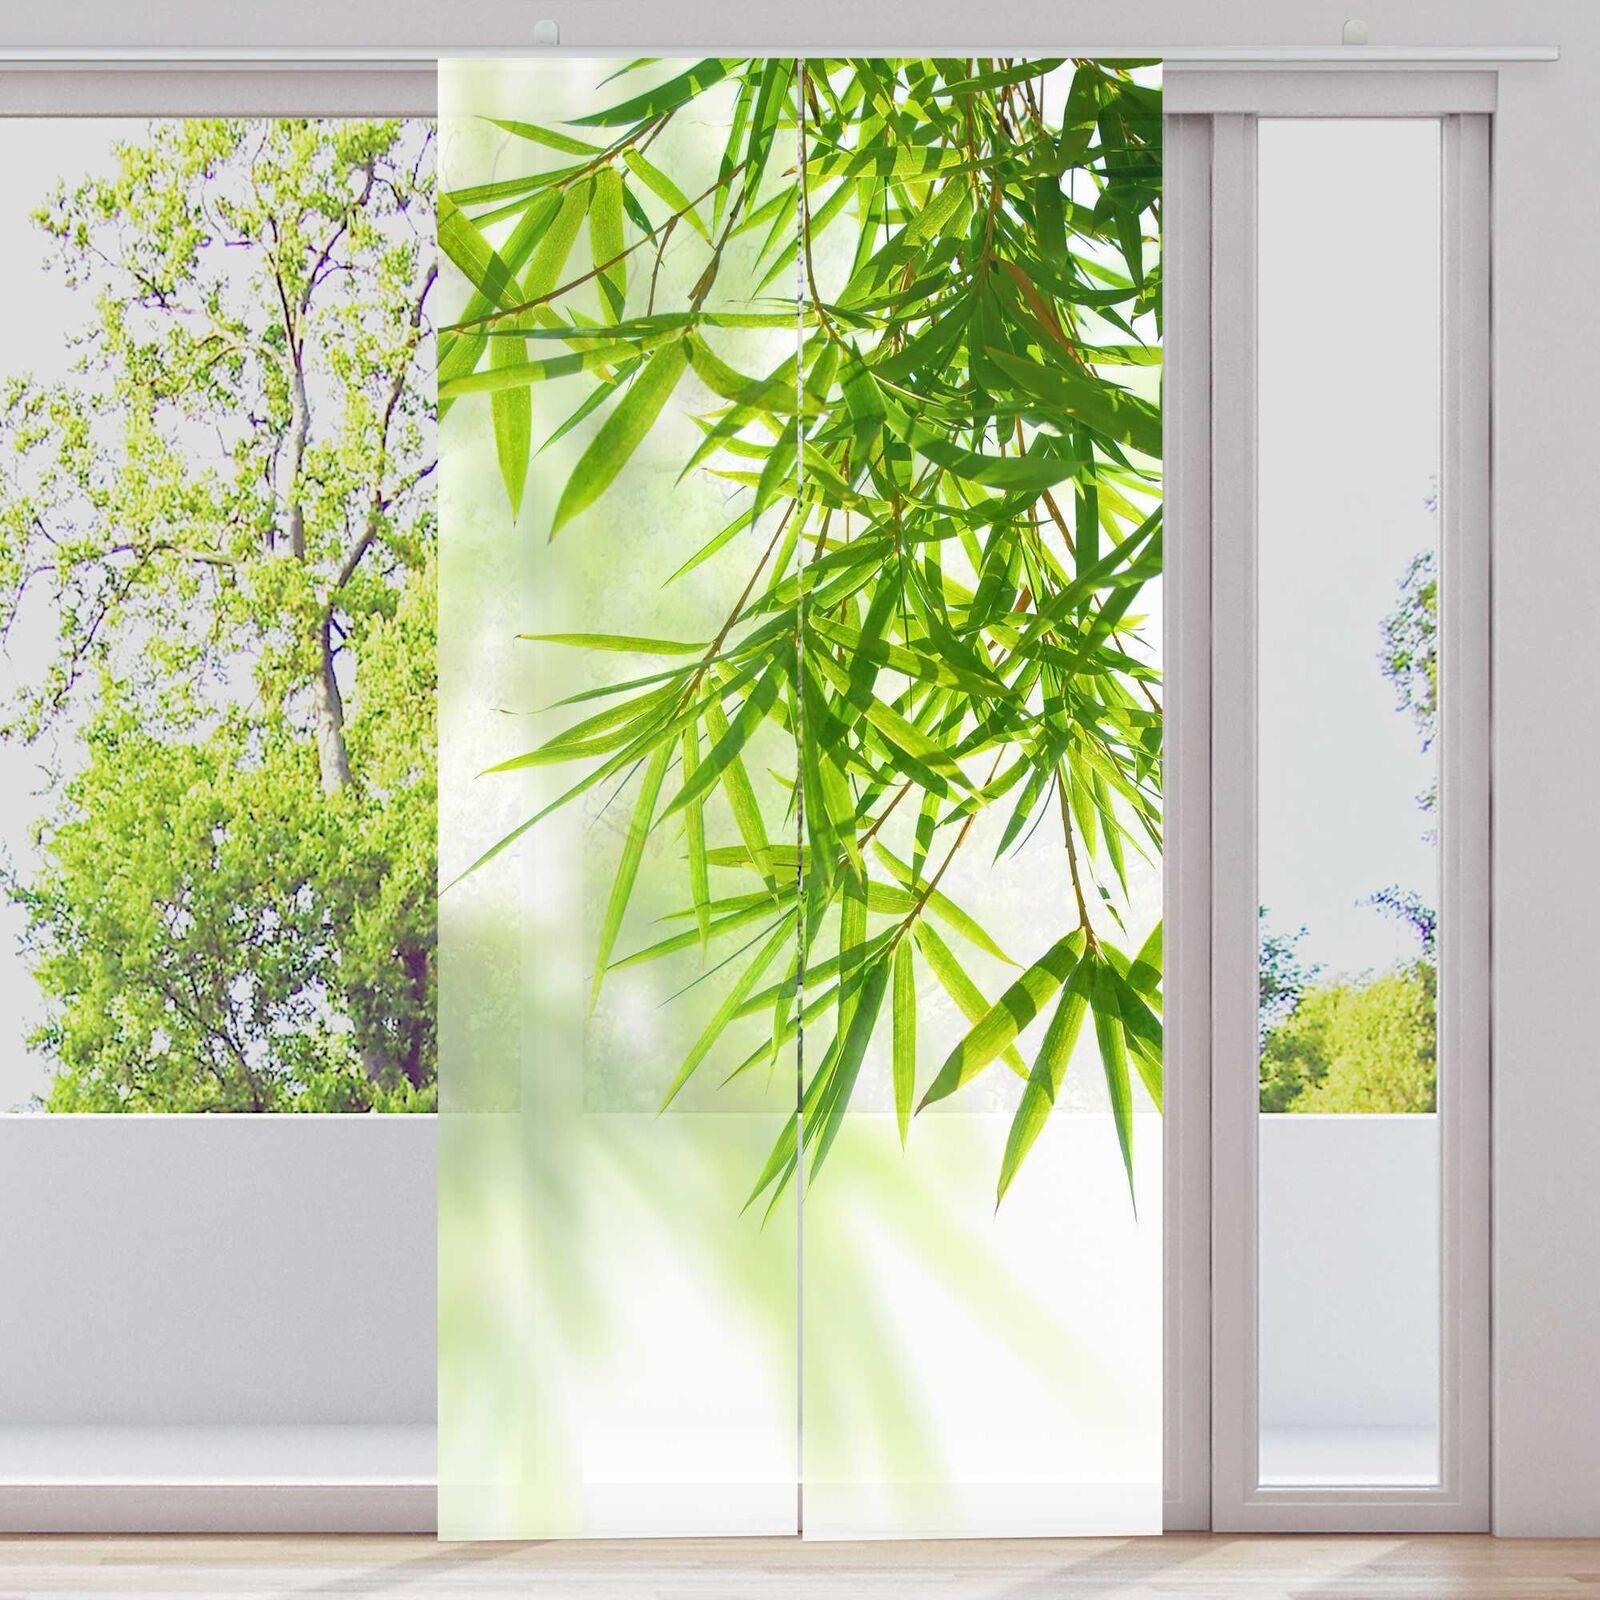 Scorrevoli sipario  appendere bambù foglie  2-tl. per 60x245cm   superfici SIPARIO